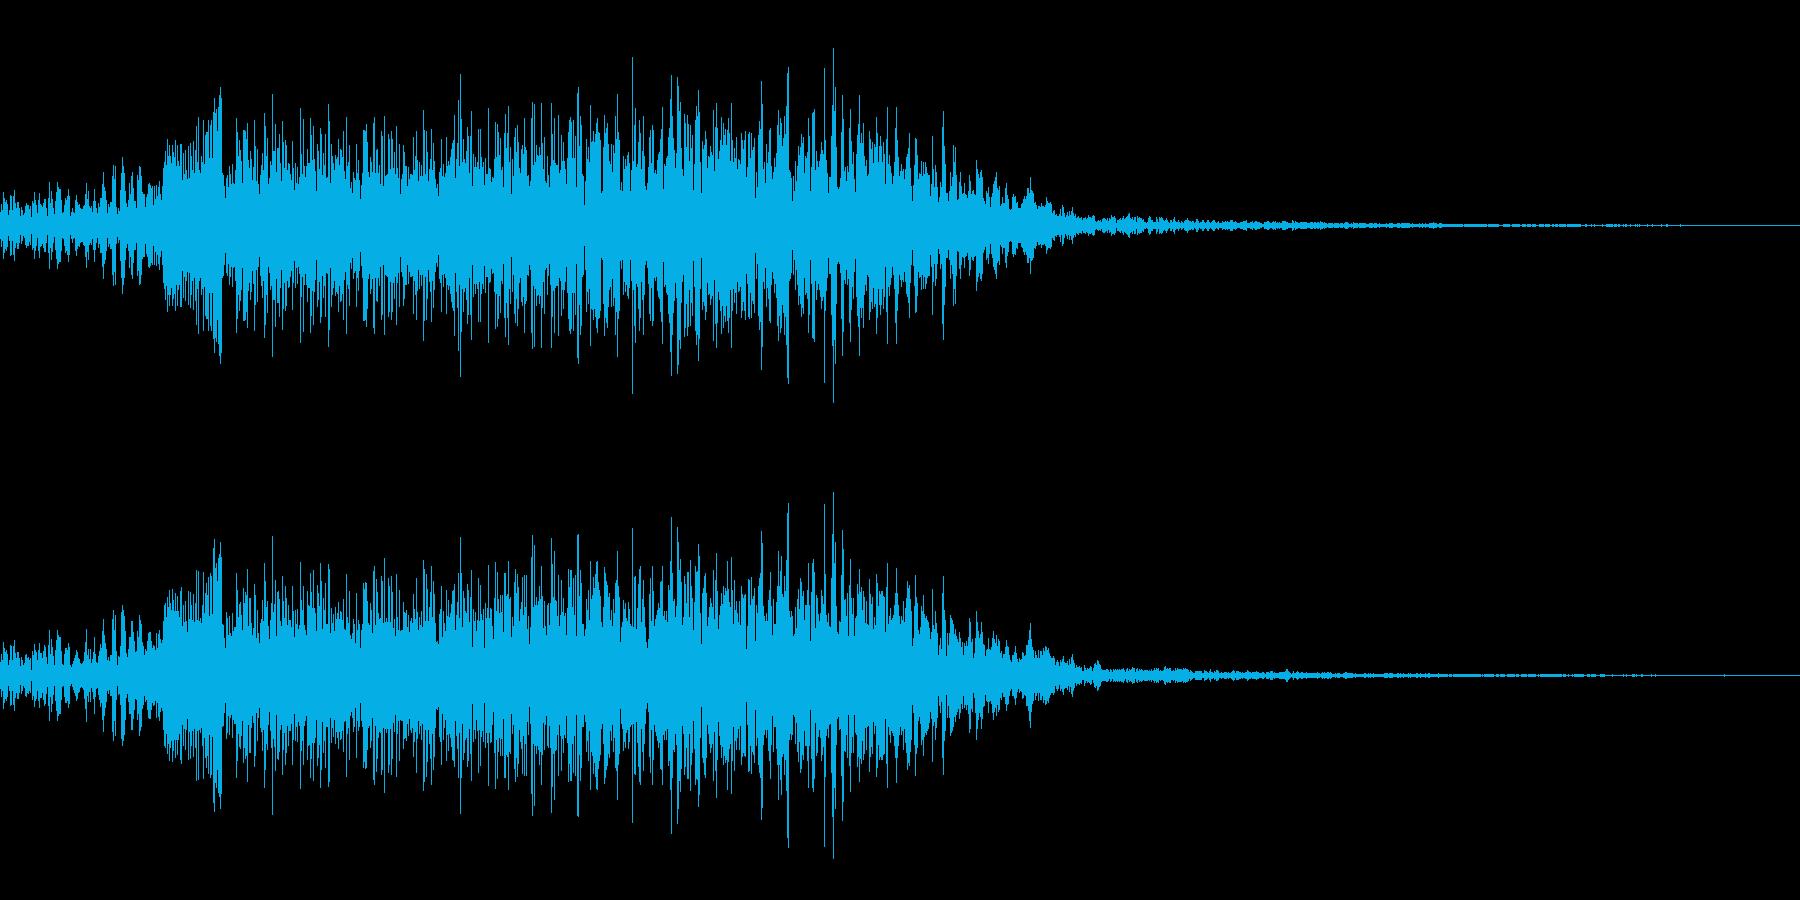 鳴き声02(イノシシ、ブタ系)の再生済みの波形